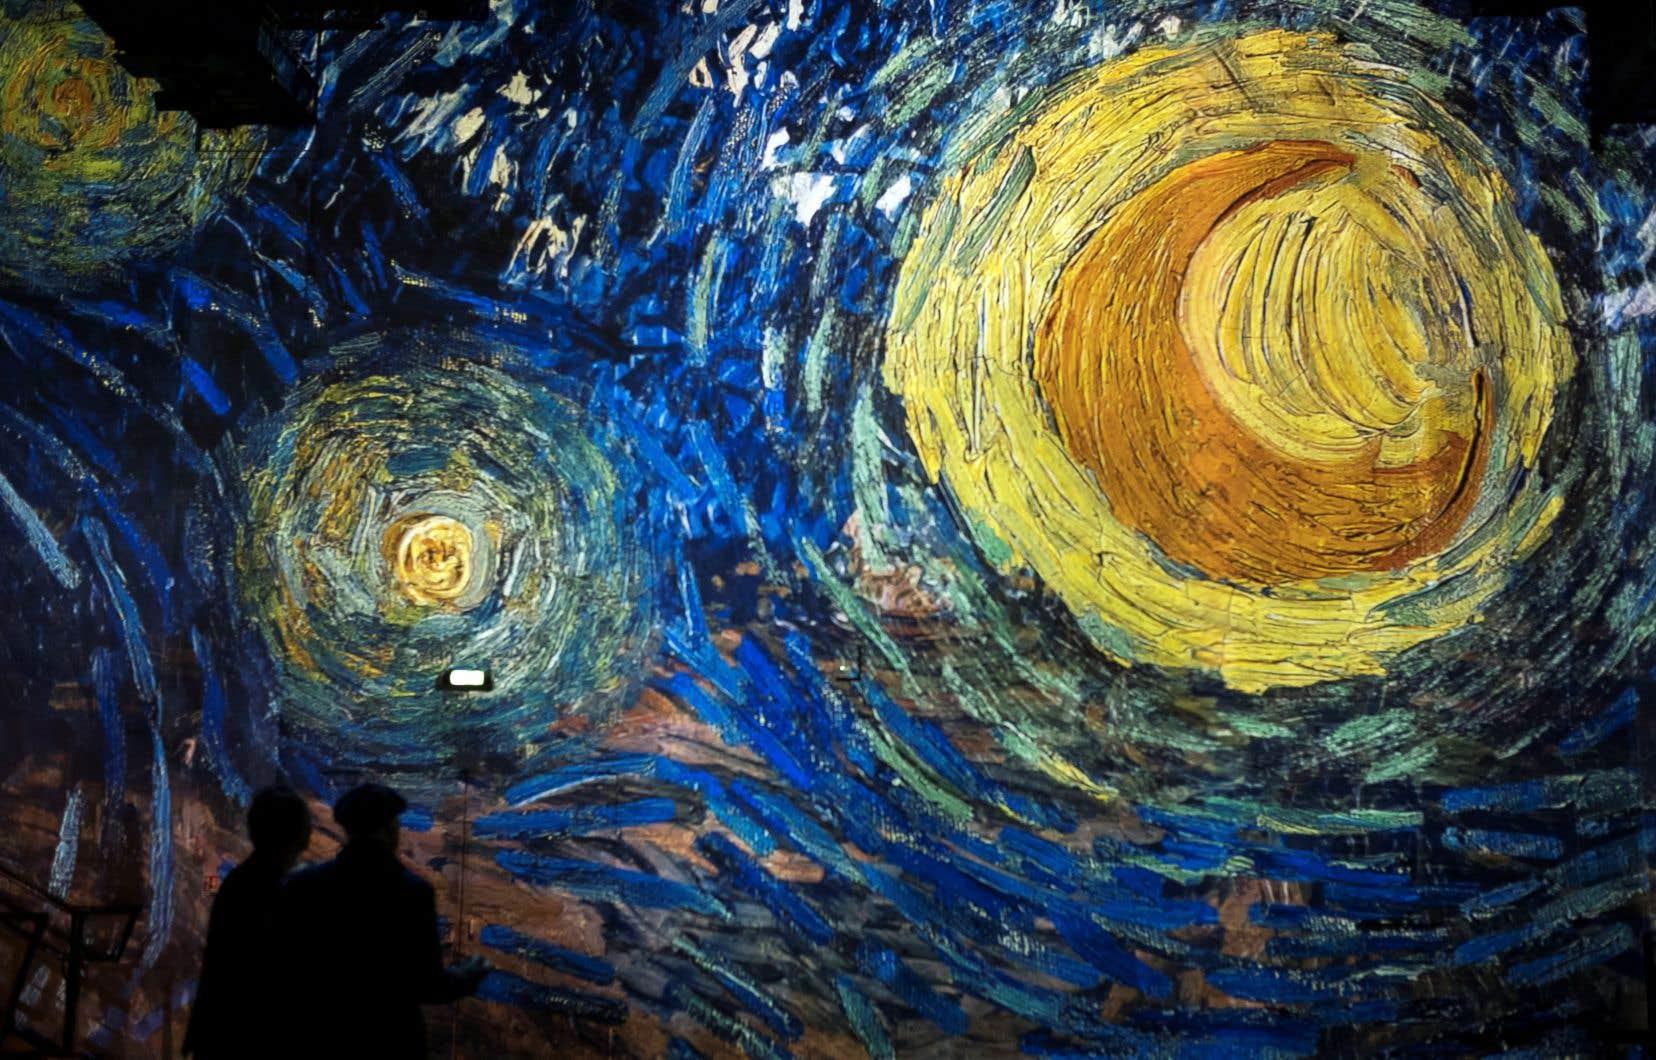 Avant de traverser l'Atlantique, l'exposition «Imagine Van Gogh» a connu un succès important en Europe, notamment à l'Atelier des lumières de Paris (sur nos photos). Ici, détail de la célèbre «Nuit étoilée».